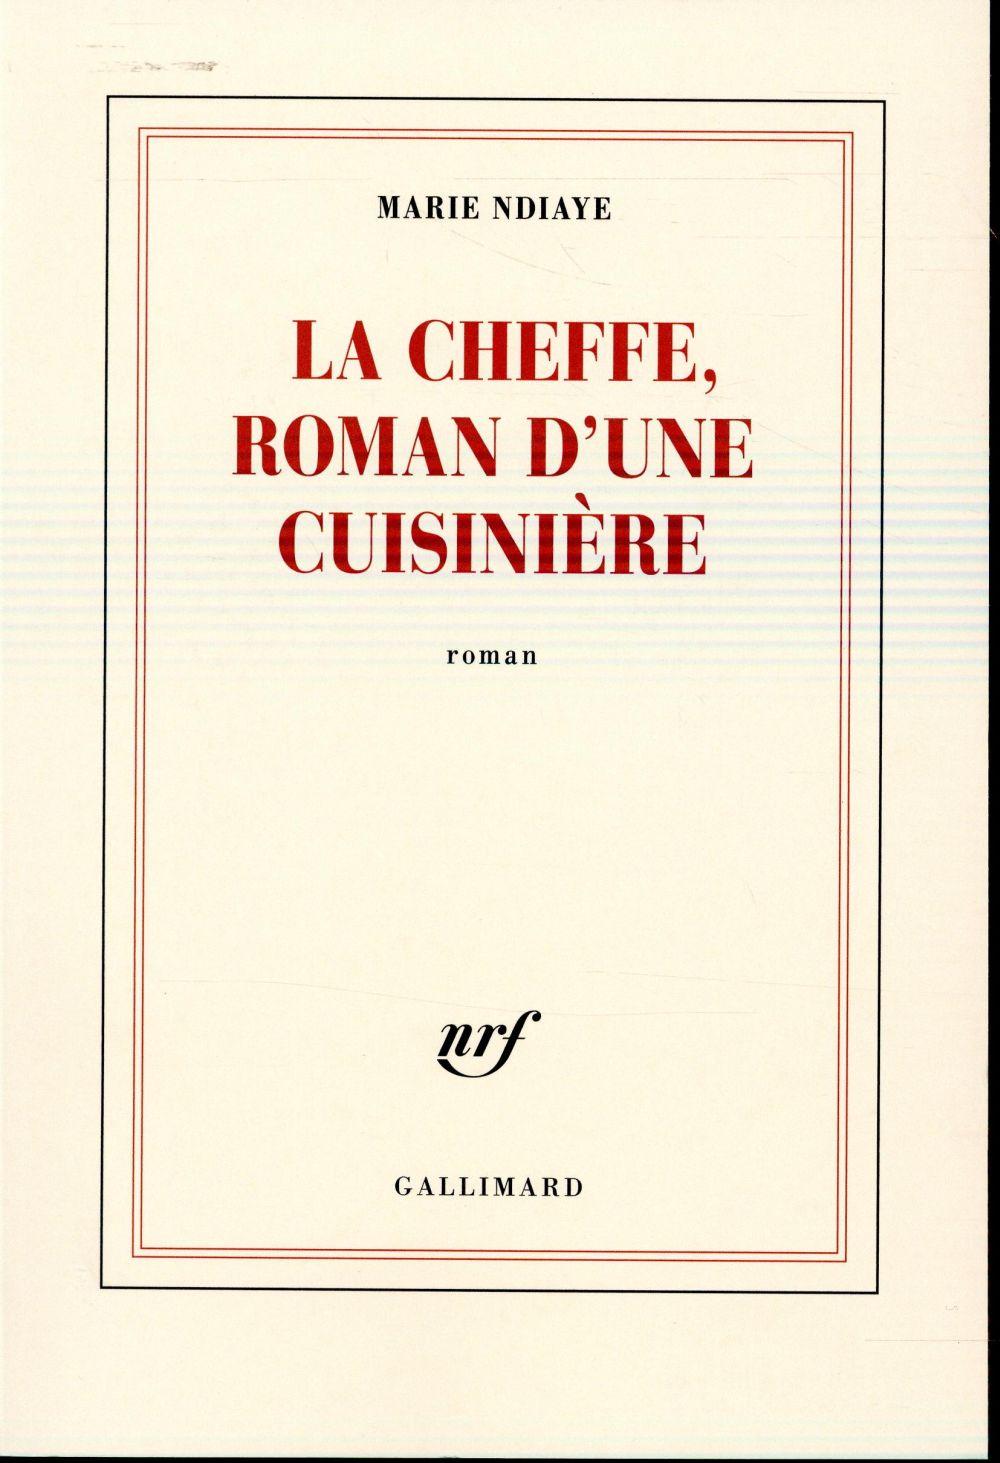 La cheffe, roman d'une cuisiniere